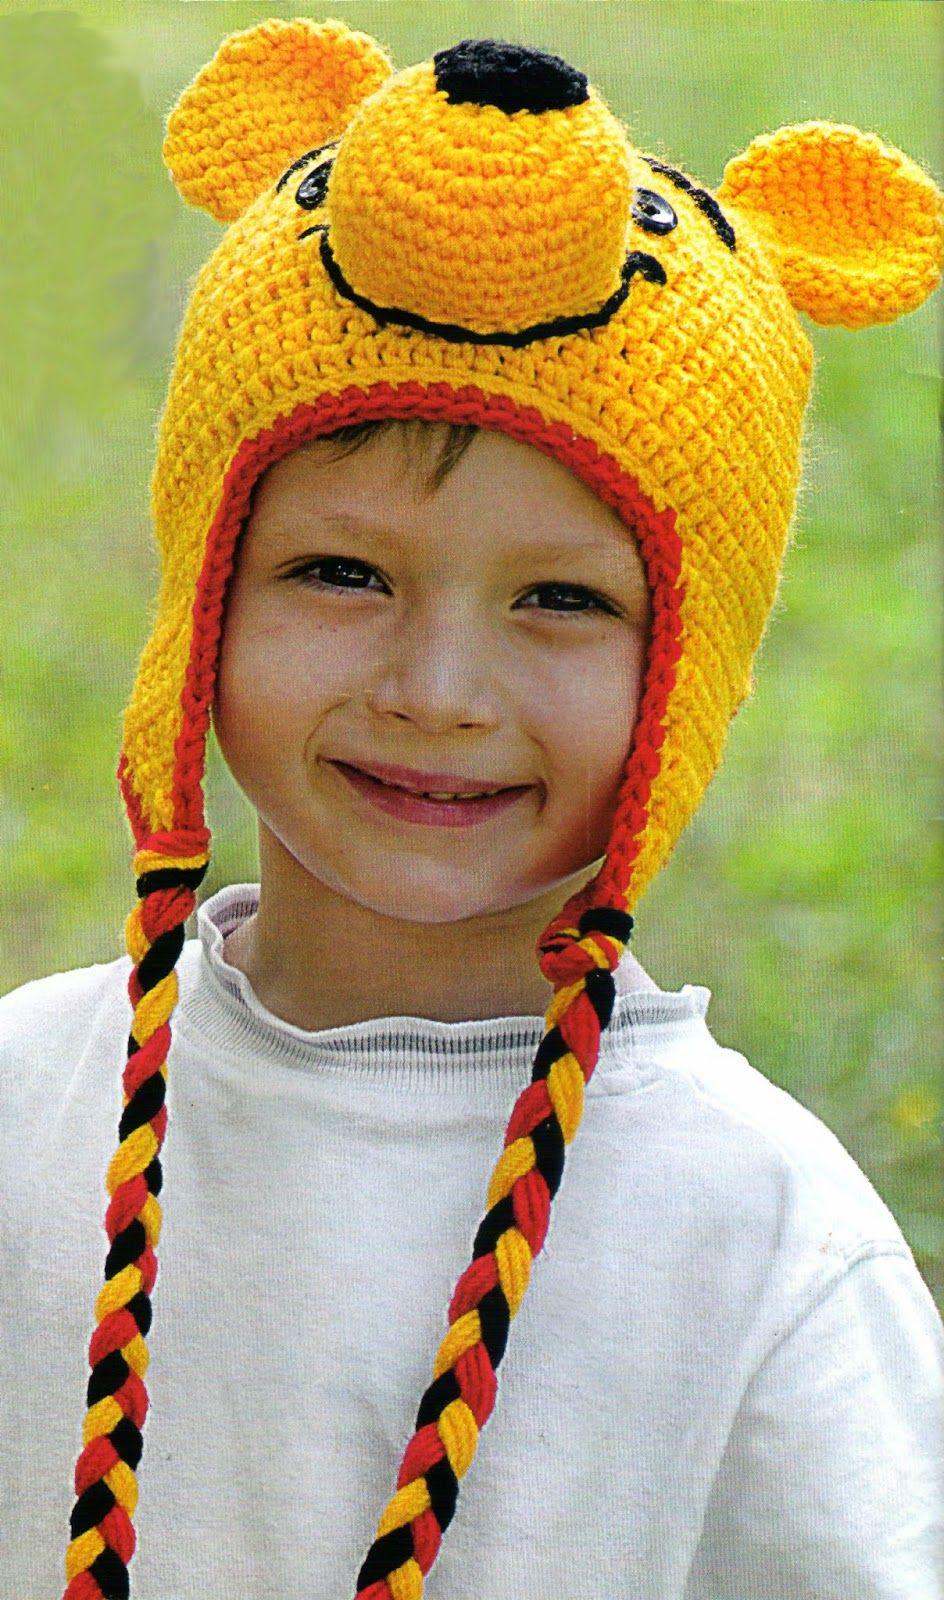 tejidos artesanales en crochet  gorro winnie pooh tejido en crochet ... 6cebfebd02d